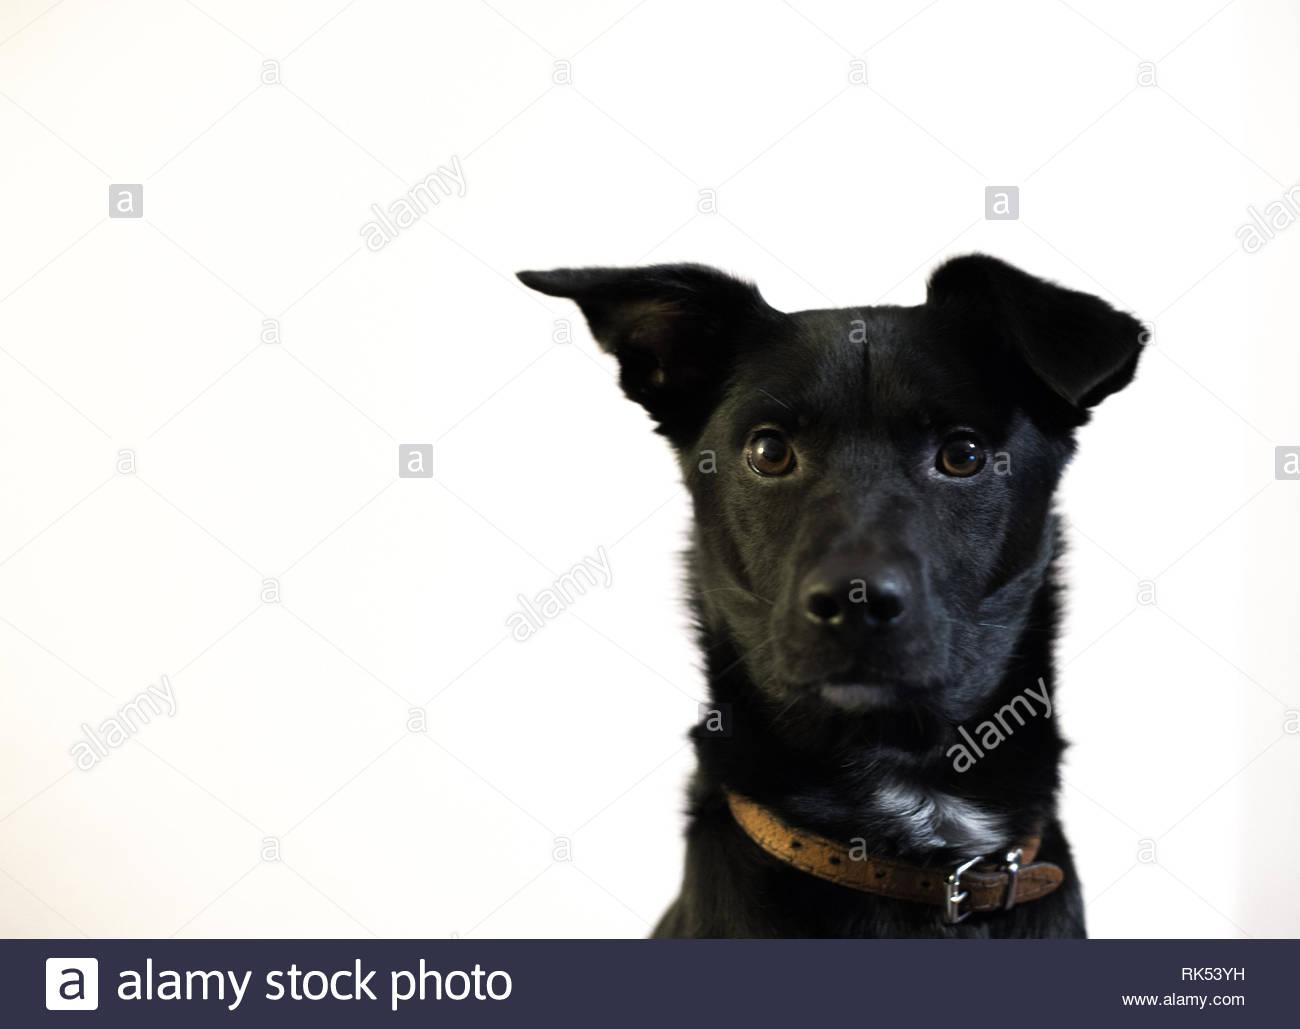 black dog on white wall - Stock Image